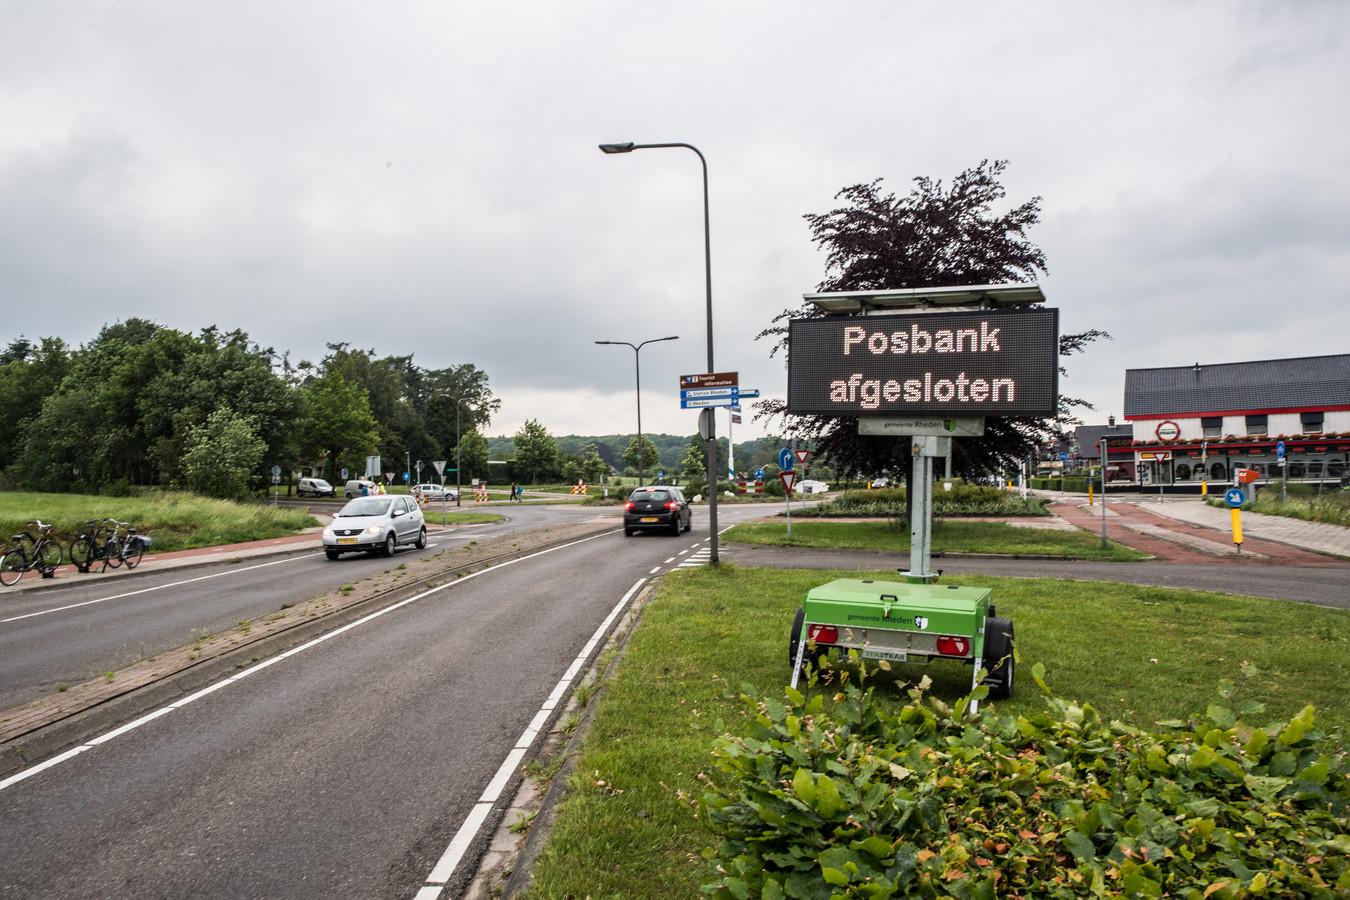 Park Veluwezoom, waar ook de populaire Posbank ligt, is tot nader order afgesloten voor publiek.